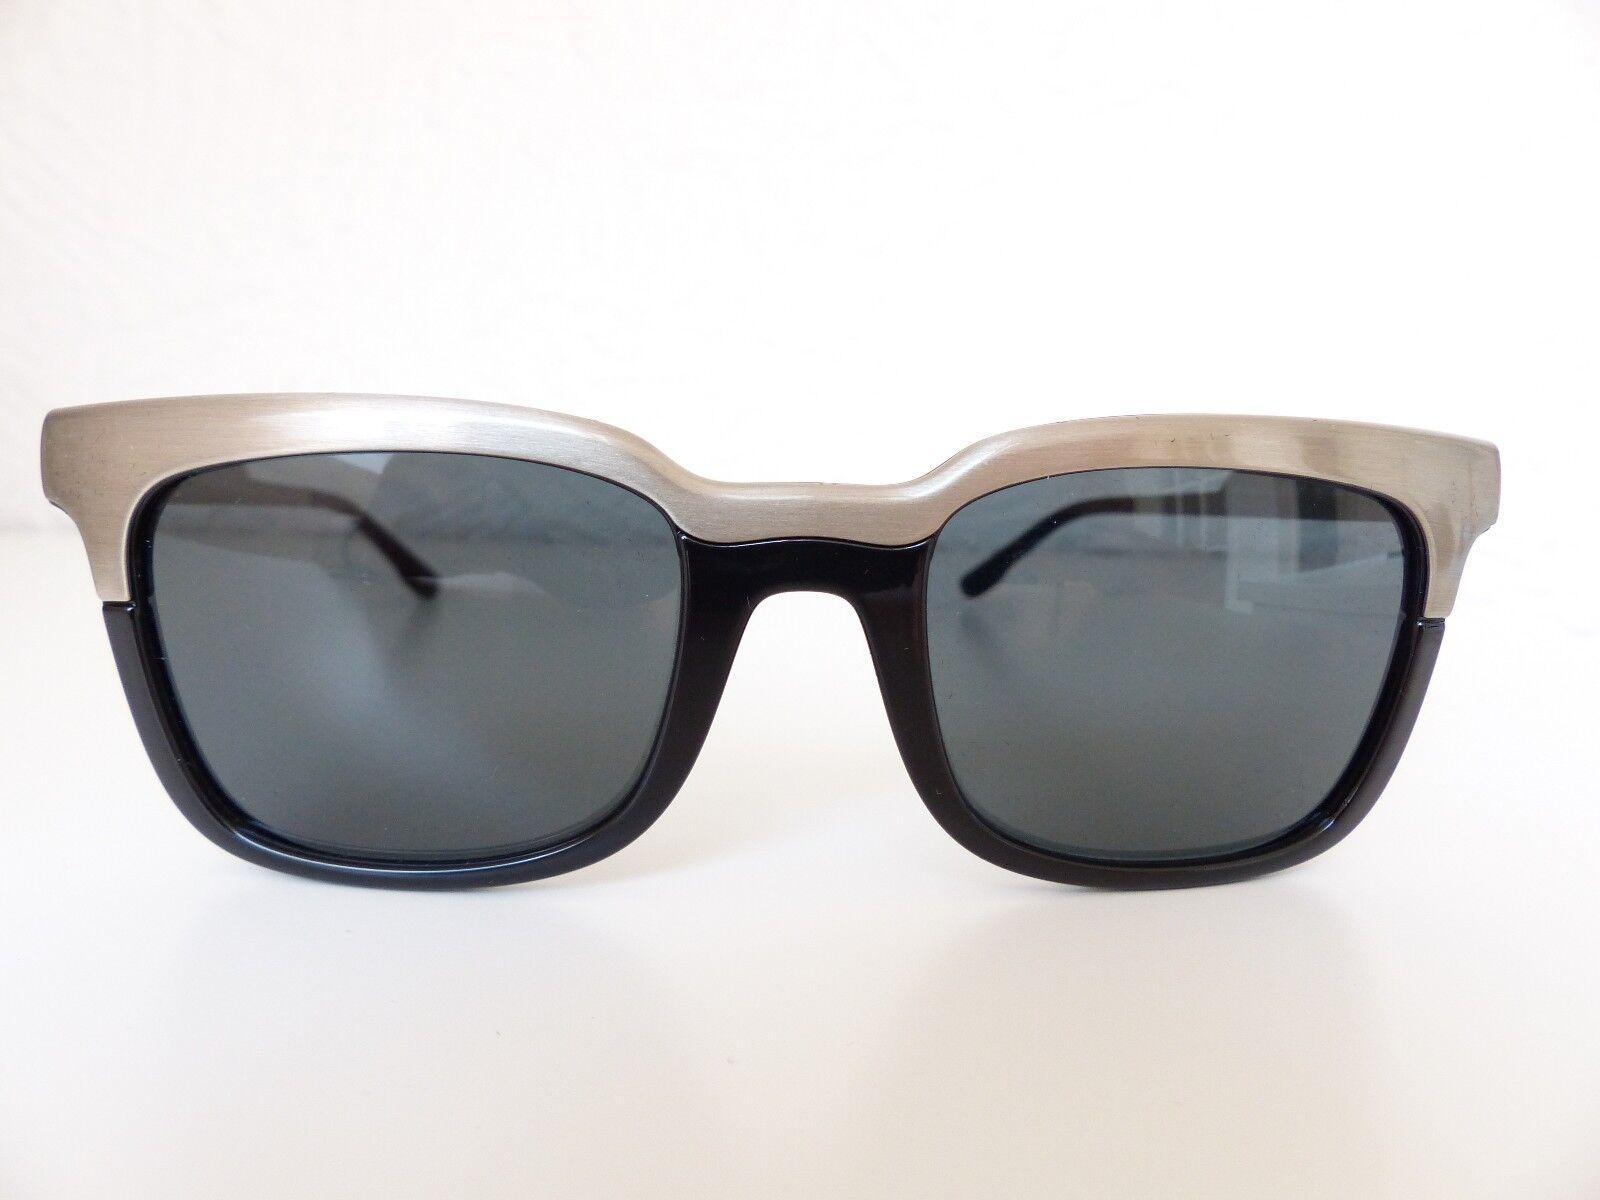 Stella McCartney Sonnenbrille schwarz silber silber silber NEU     Online-verkauf    Starke Hitze- und Abnutzungsbeständigkeit    Zu einem erschwinglichen Preis  3da70b